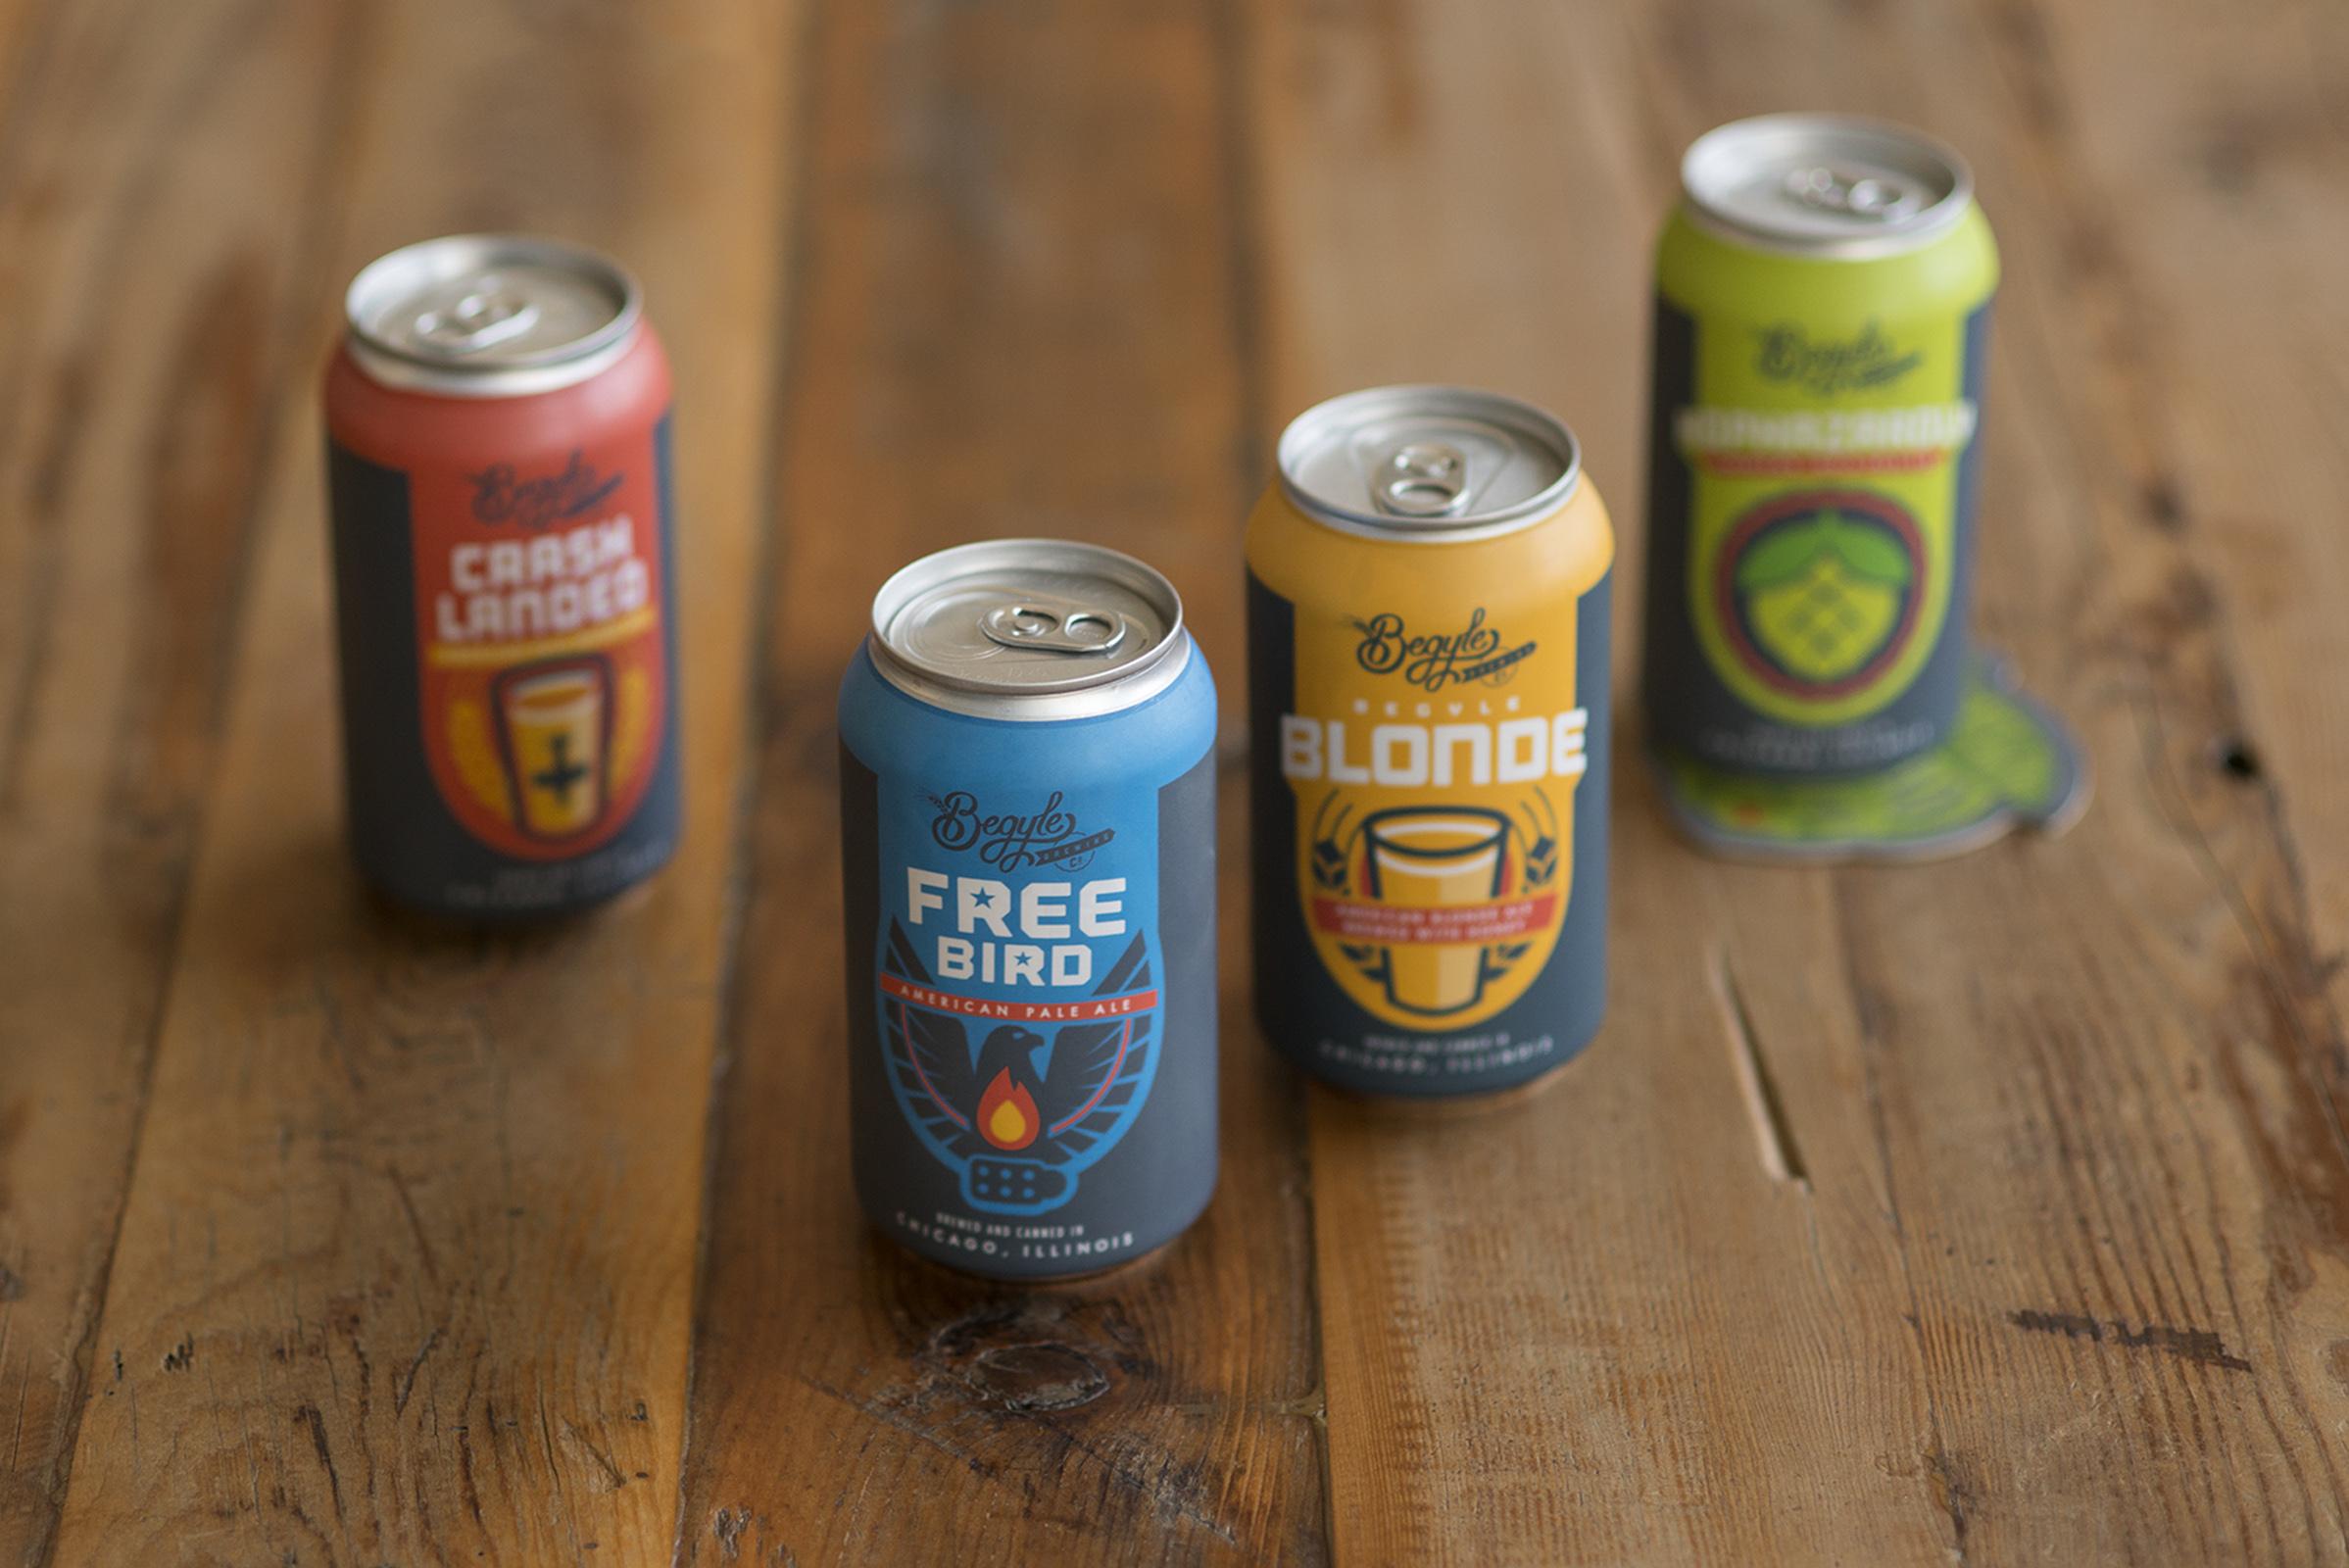 Beer & Branding: Begyle Brewing Co.